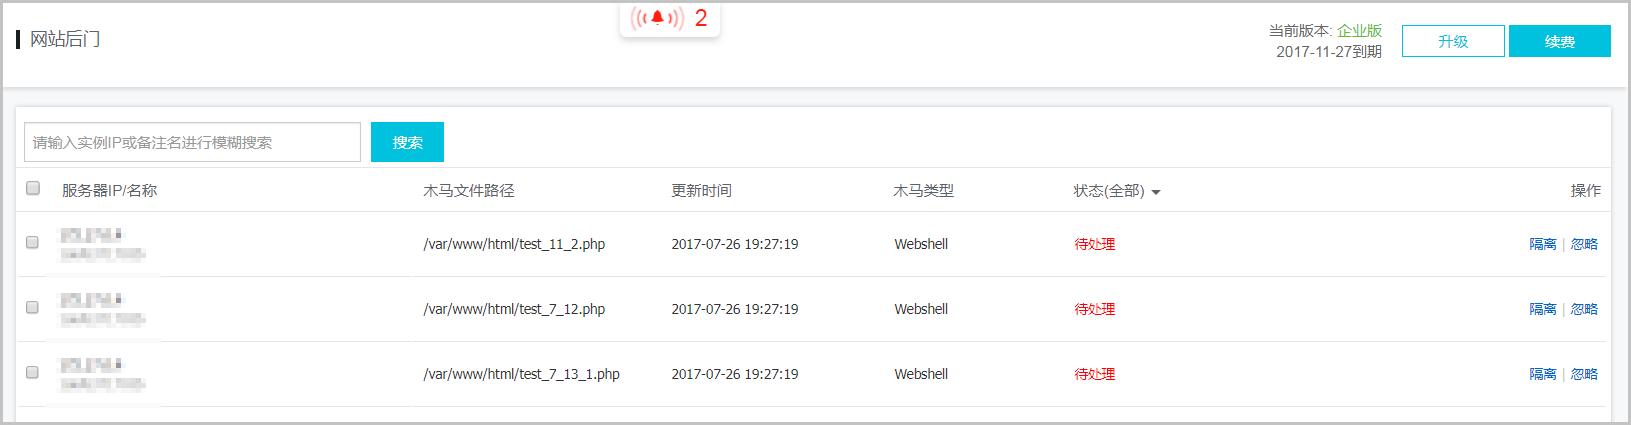 网站后门文件记录